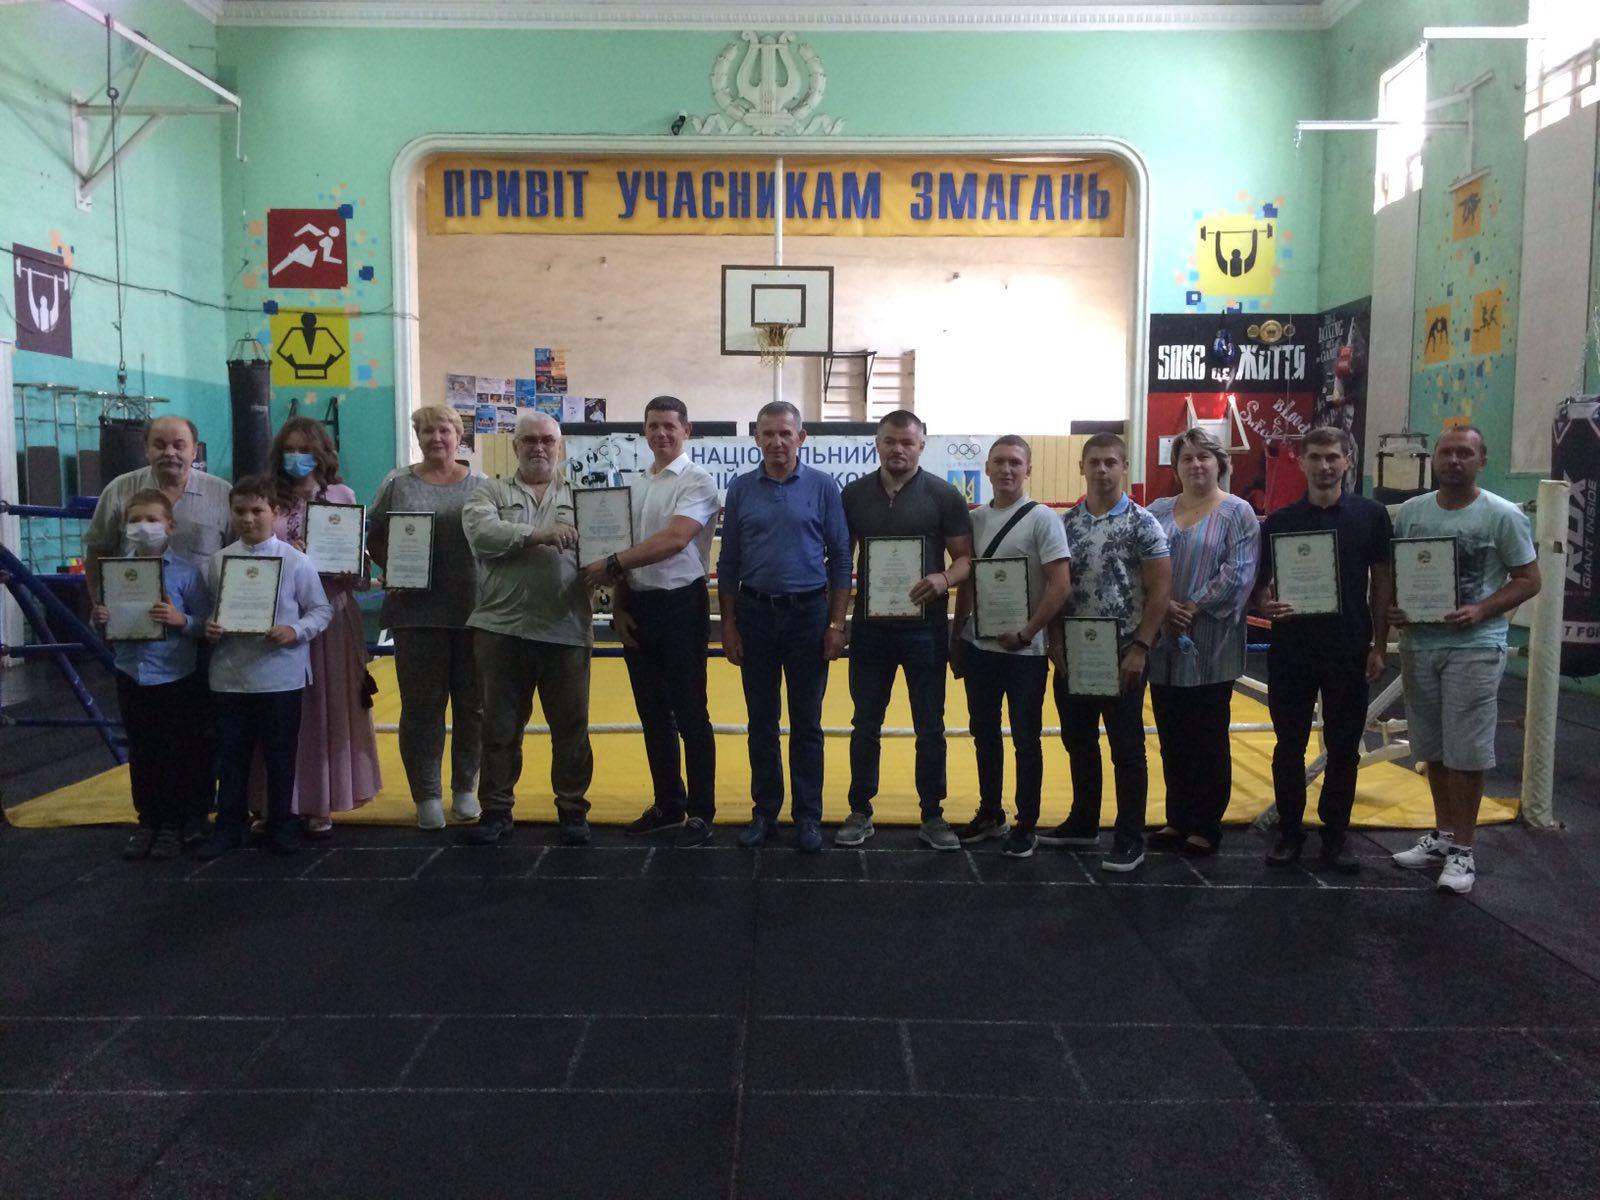 Відзначення кращих спортсменів та тренерів-викладачів з нагоди дня фізичної культури і спорту